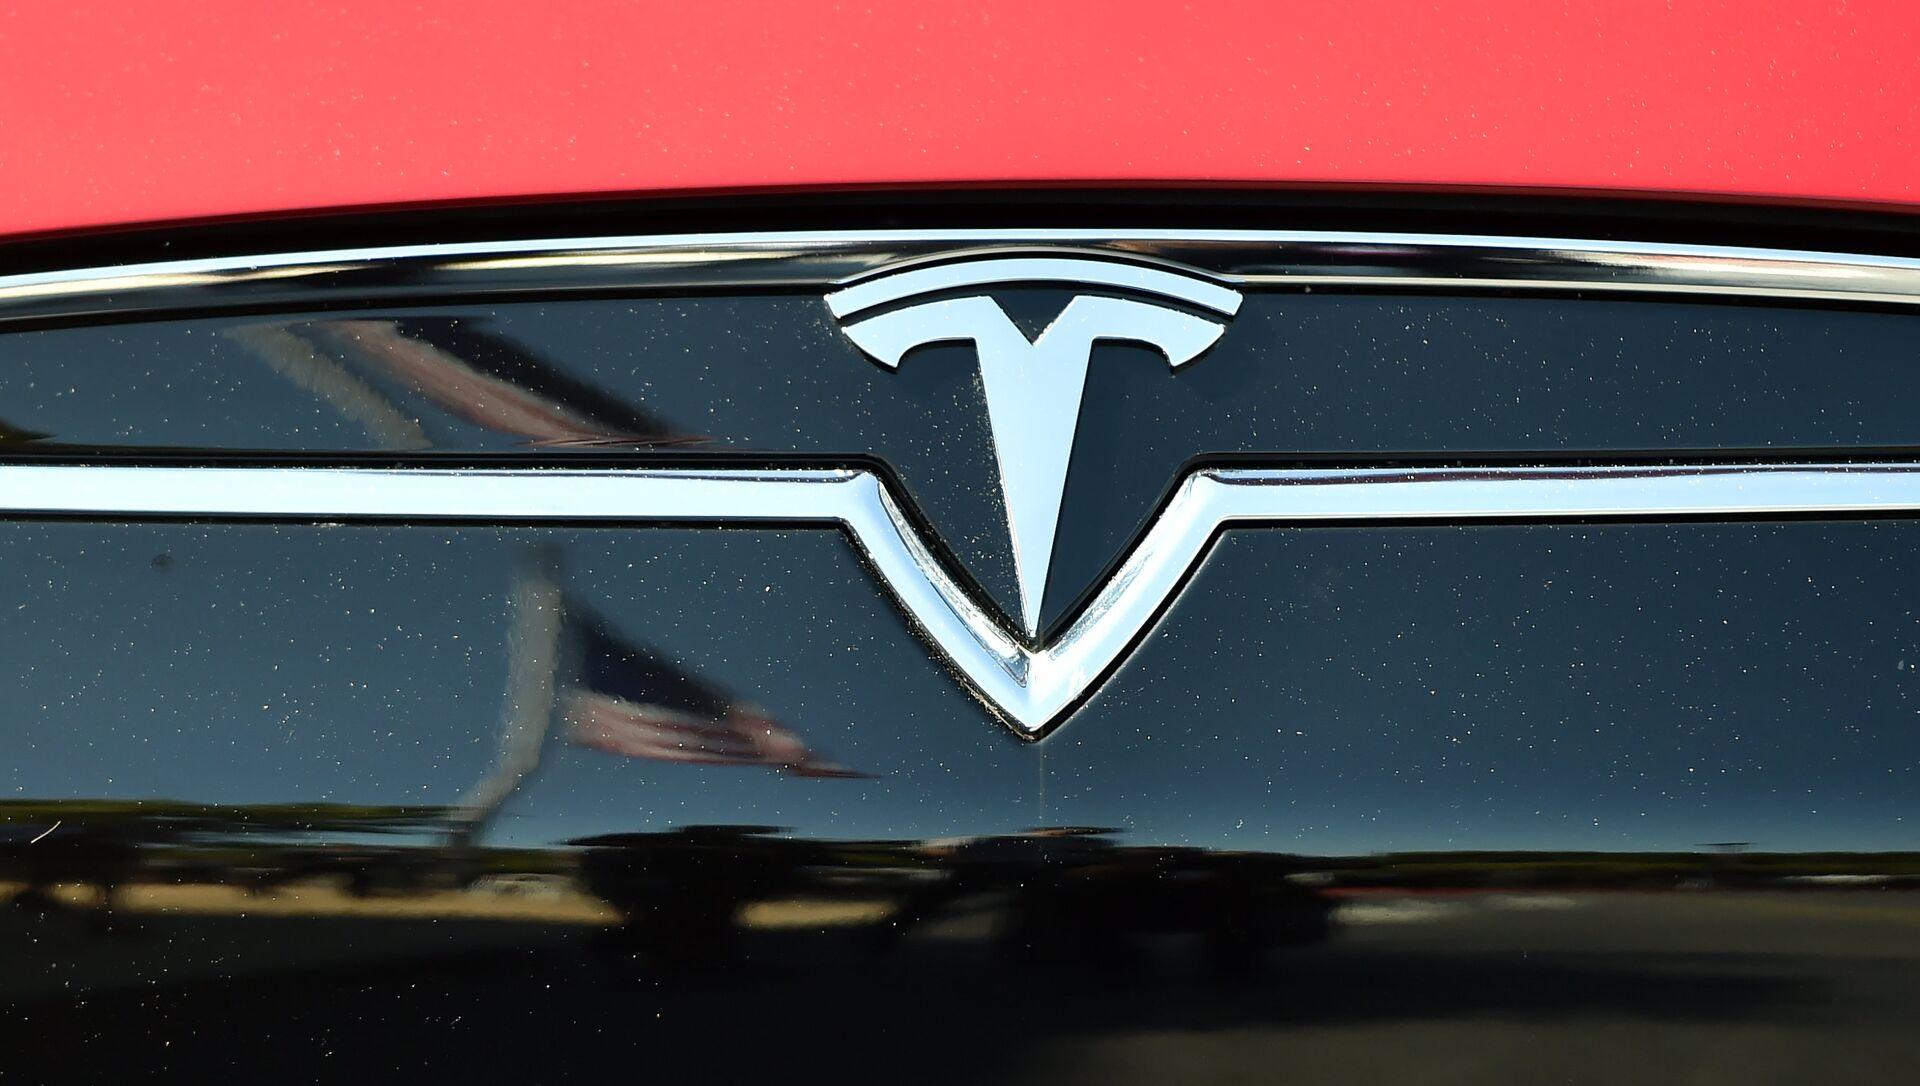 Refleksija američke zastave na automobilu Tesla S. - Sputnik Srbija, 1920, 20.03.2021